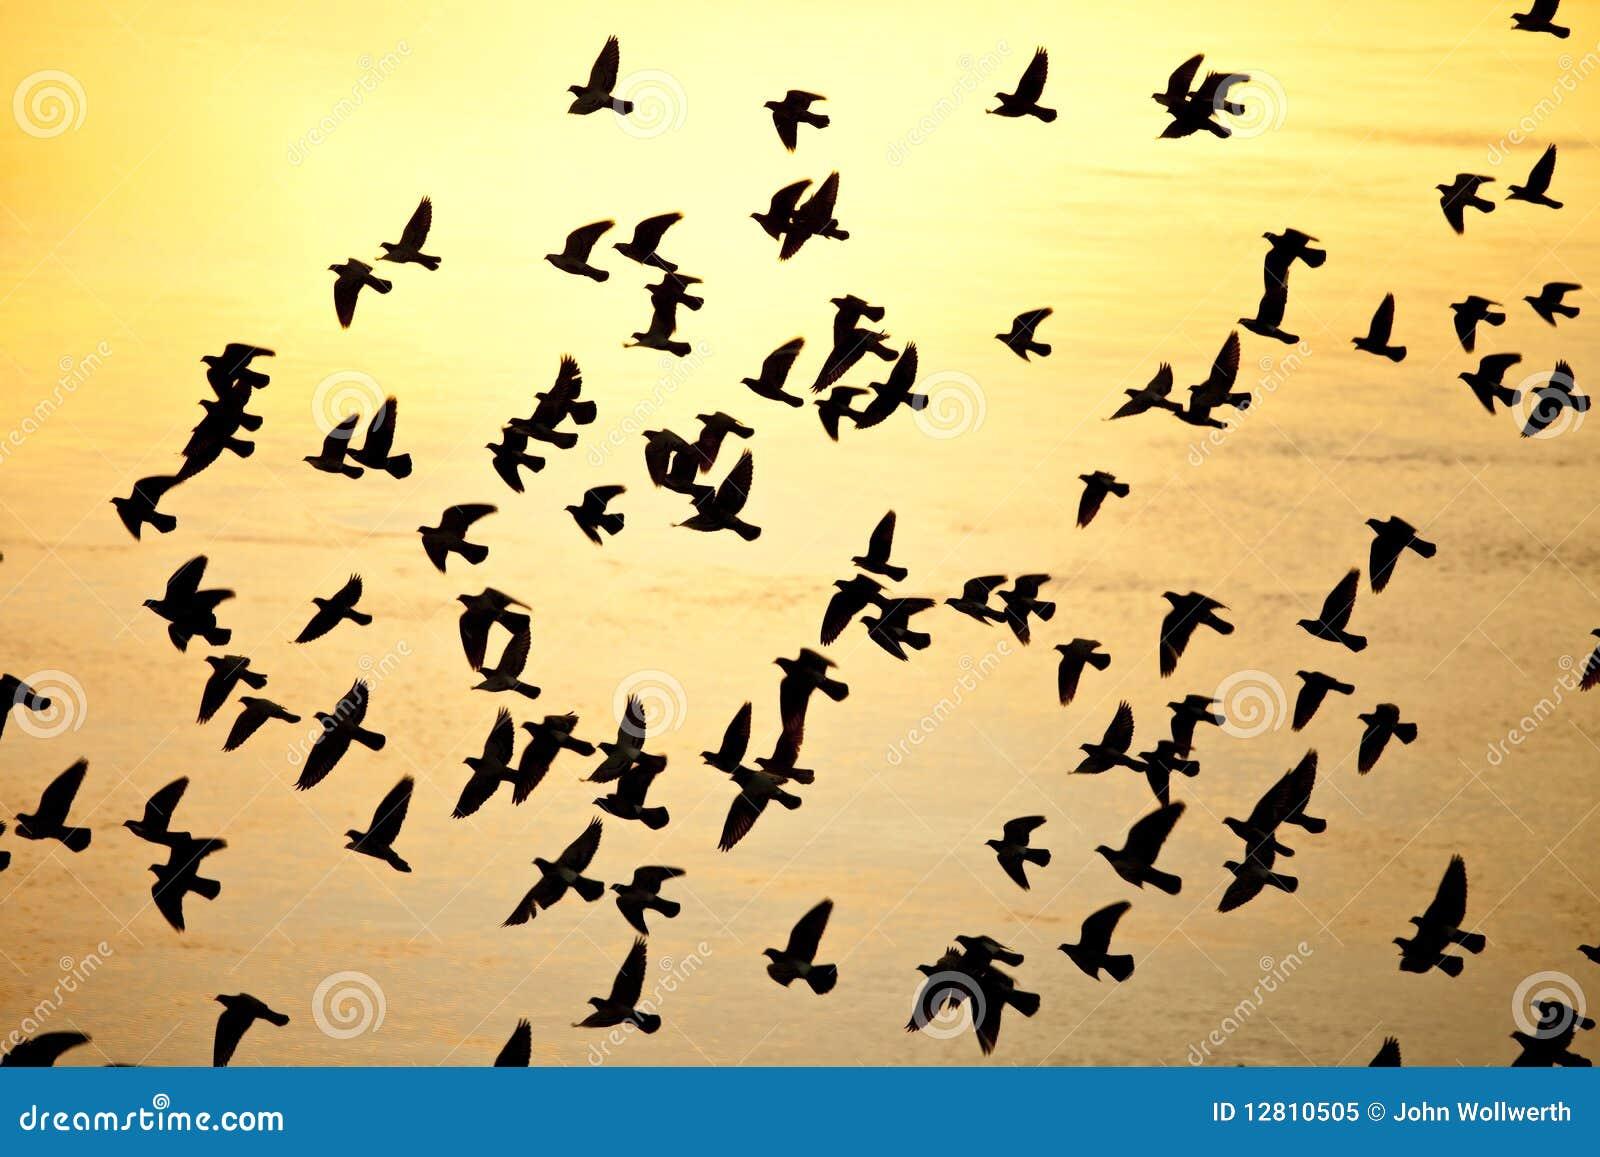 Rebanho da silhueta dos pássaros